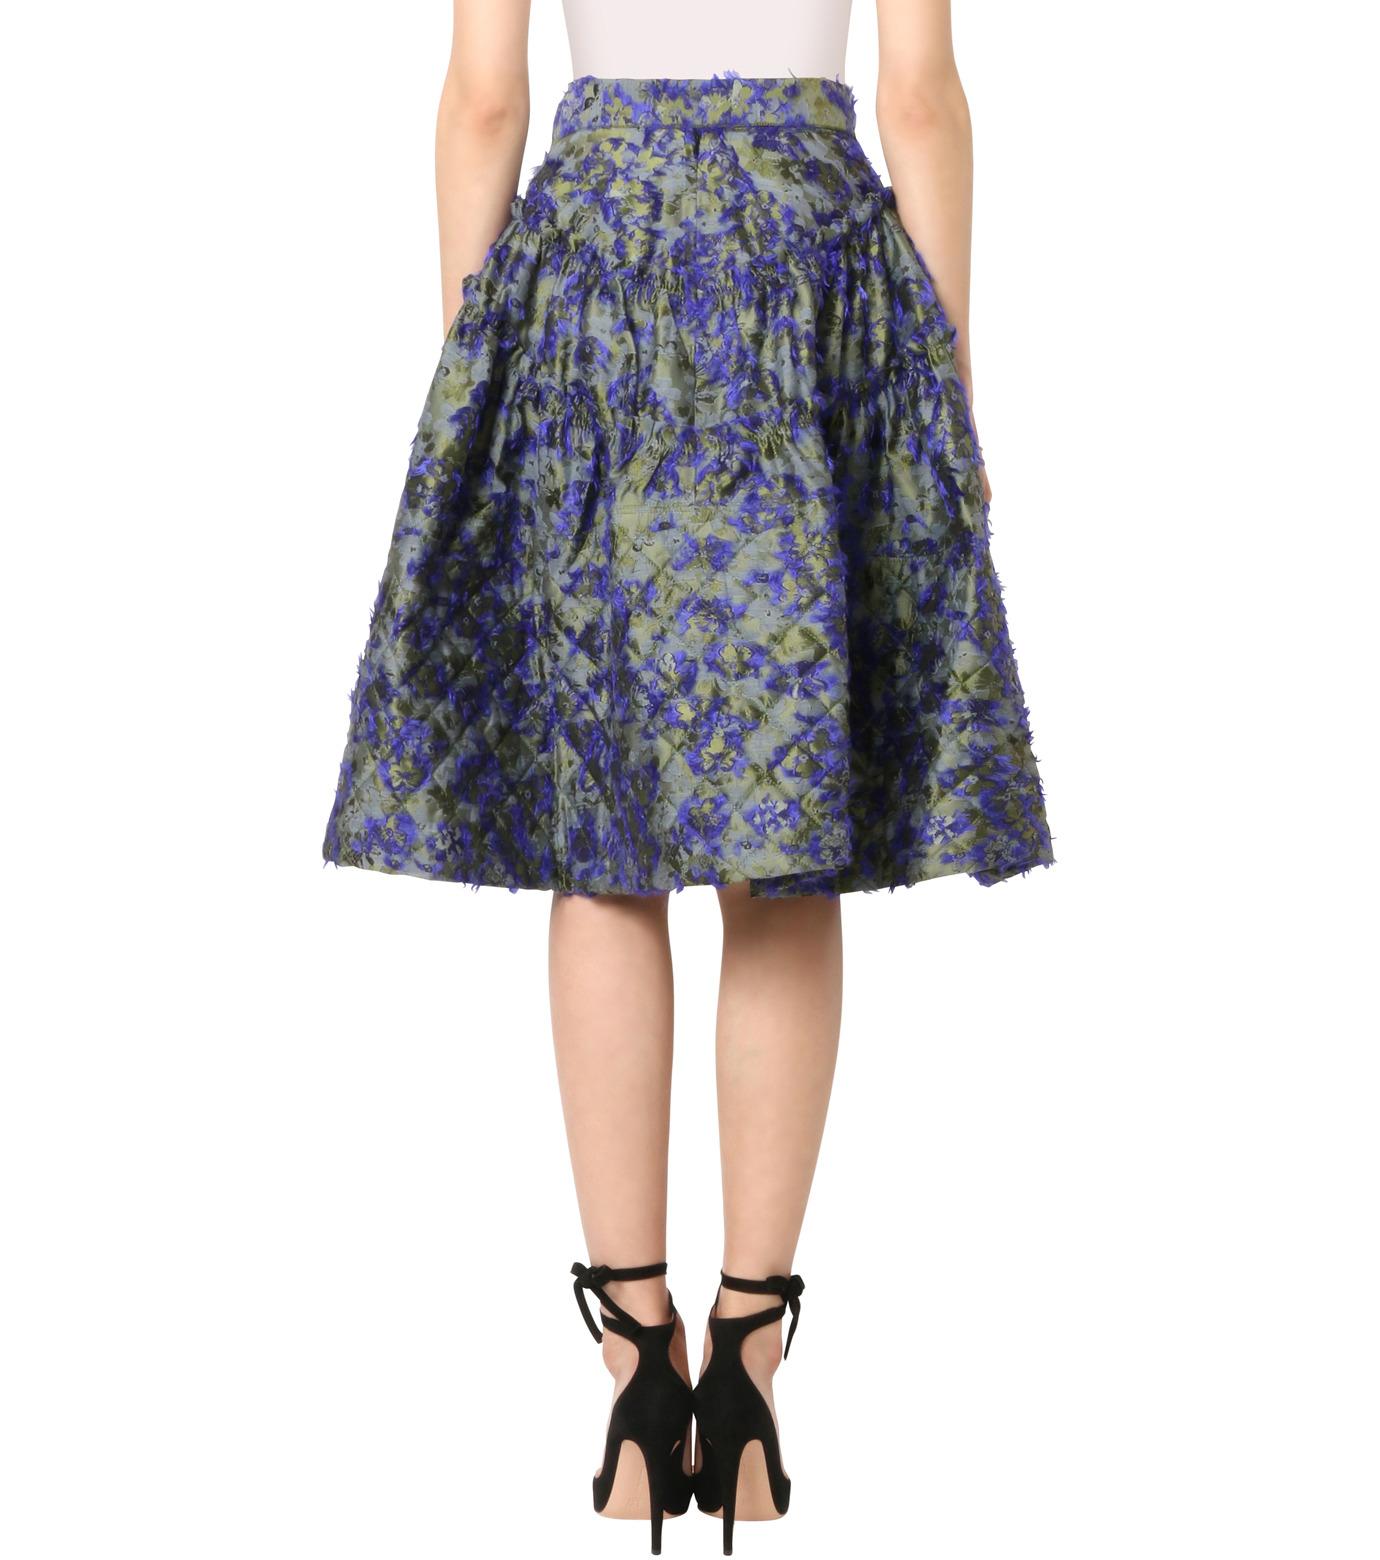 Jourden(ジョーダン)のCobalt Asym. Duvet Ruffle Skirt-BLUE(スカート/skirt)-1603WJ1JA03-92 拡大詳細画像2